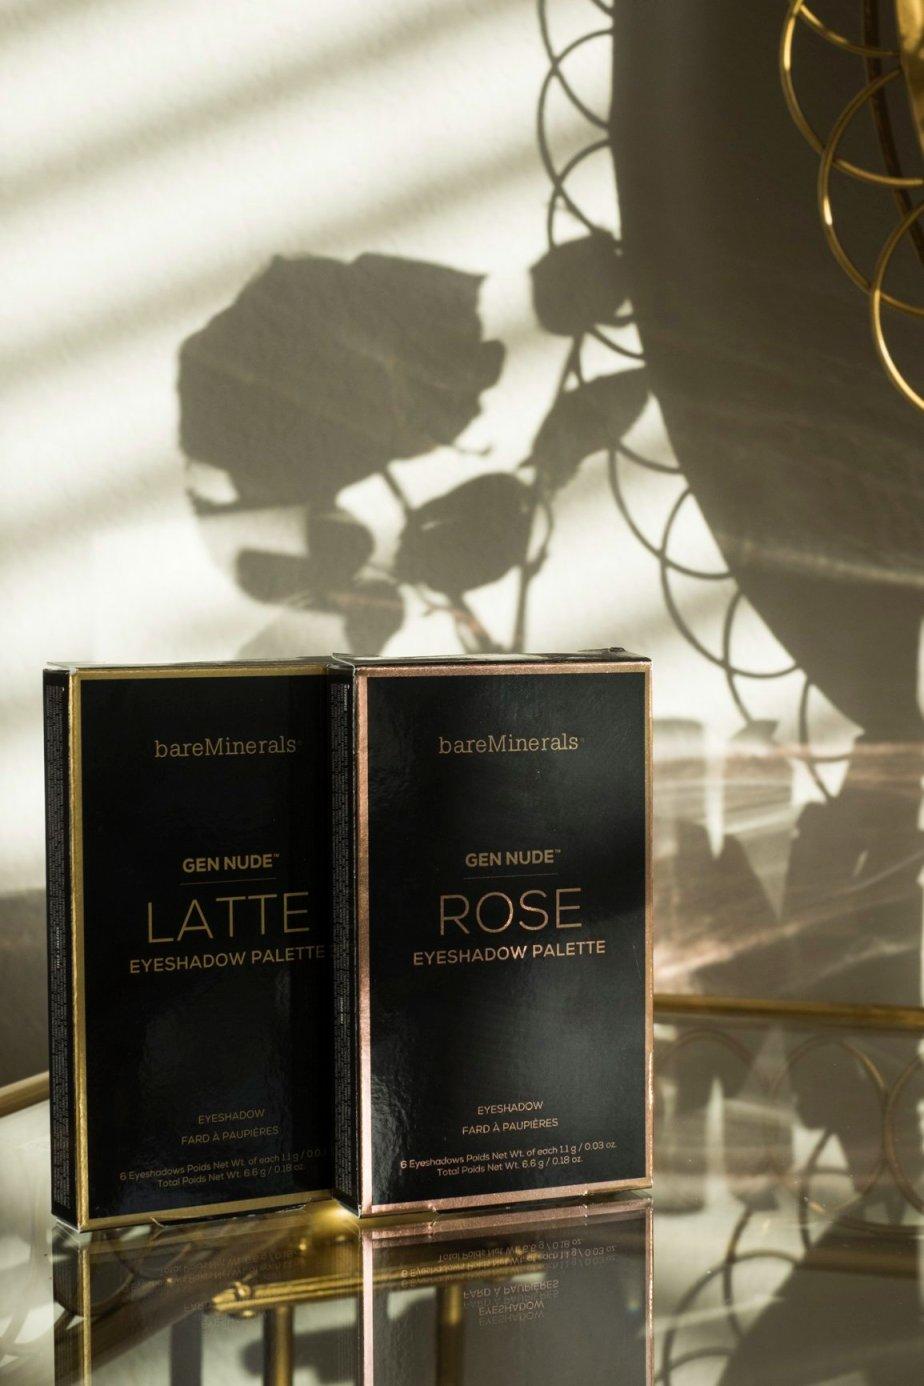 sunkissedblush-bareminerals-gennude-latte-rose (1 of 17)